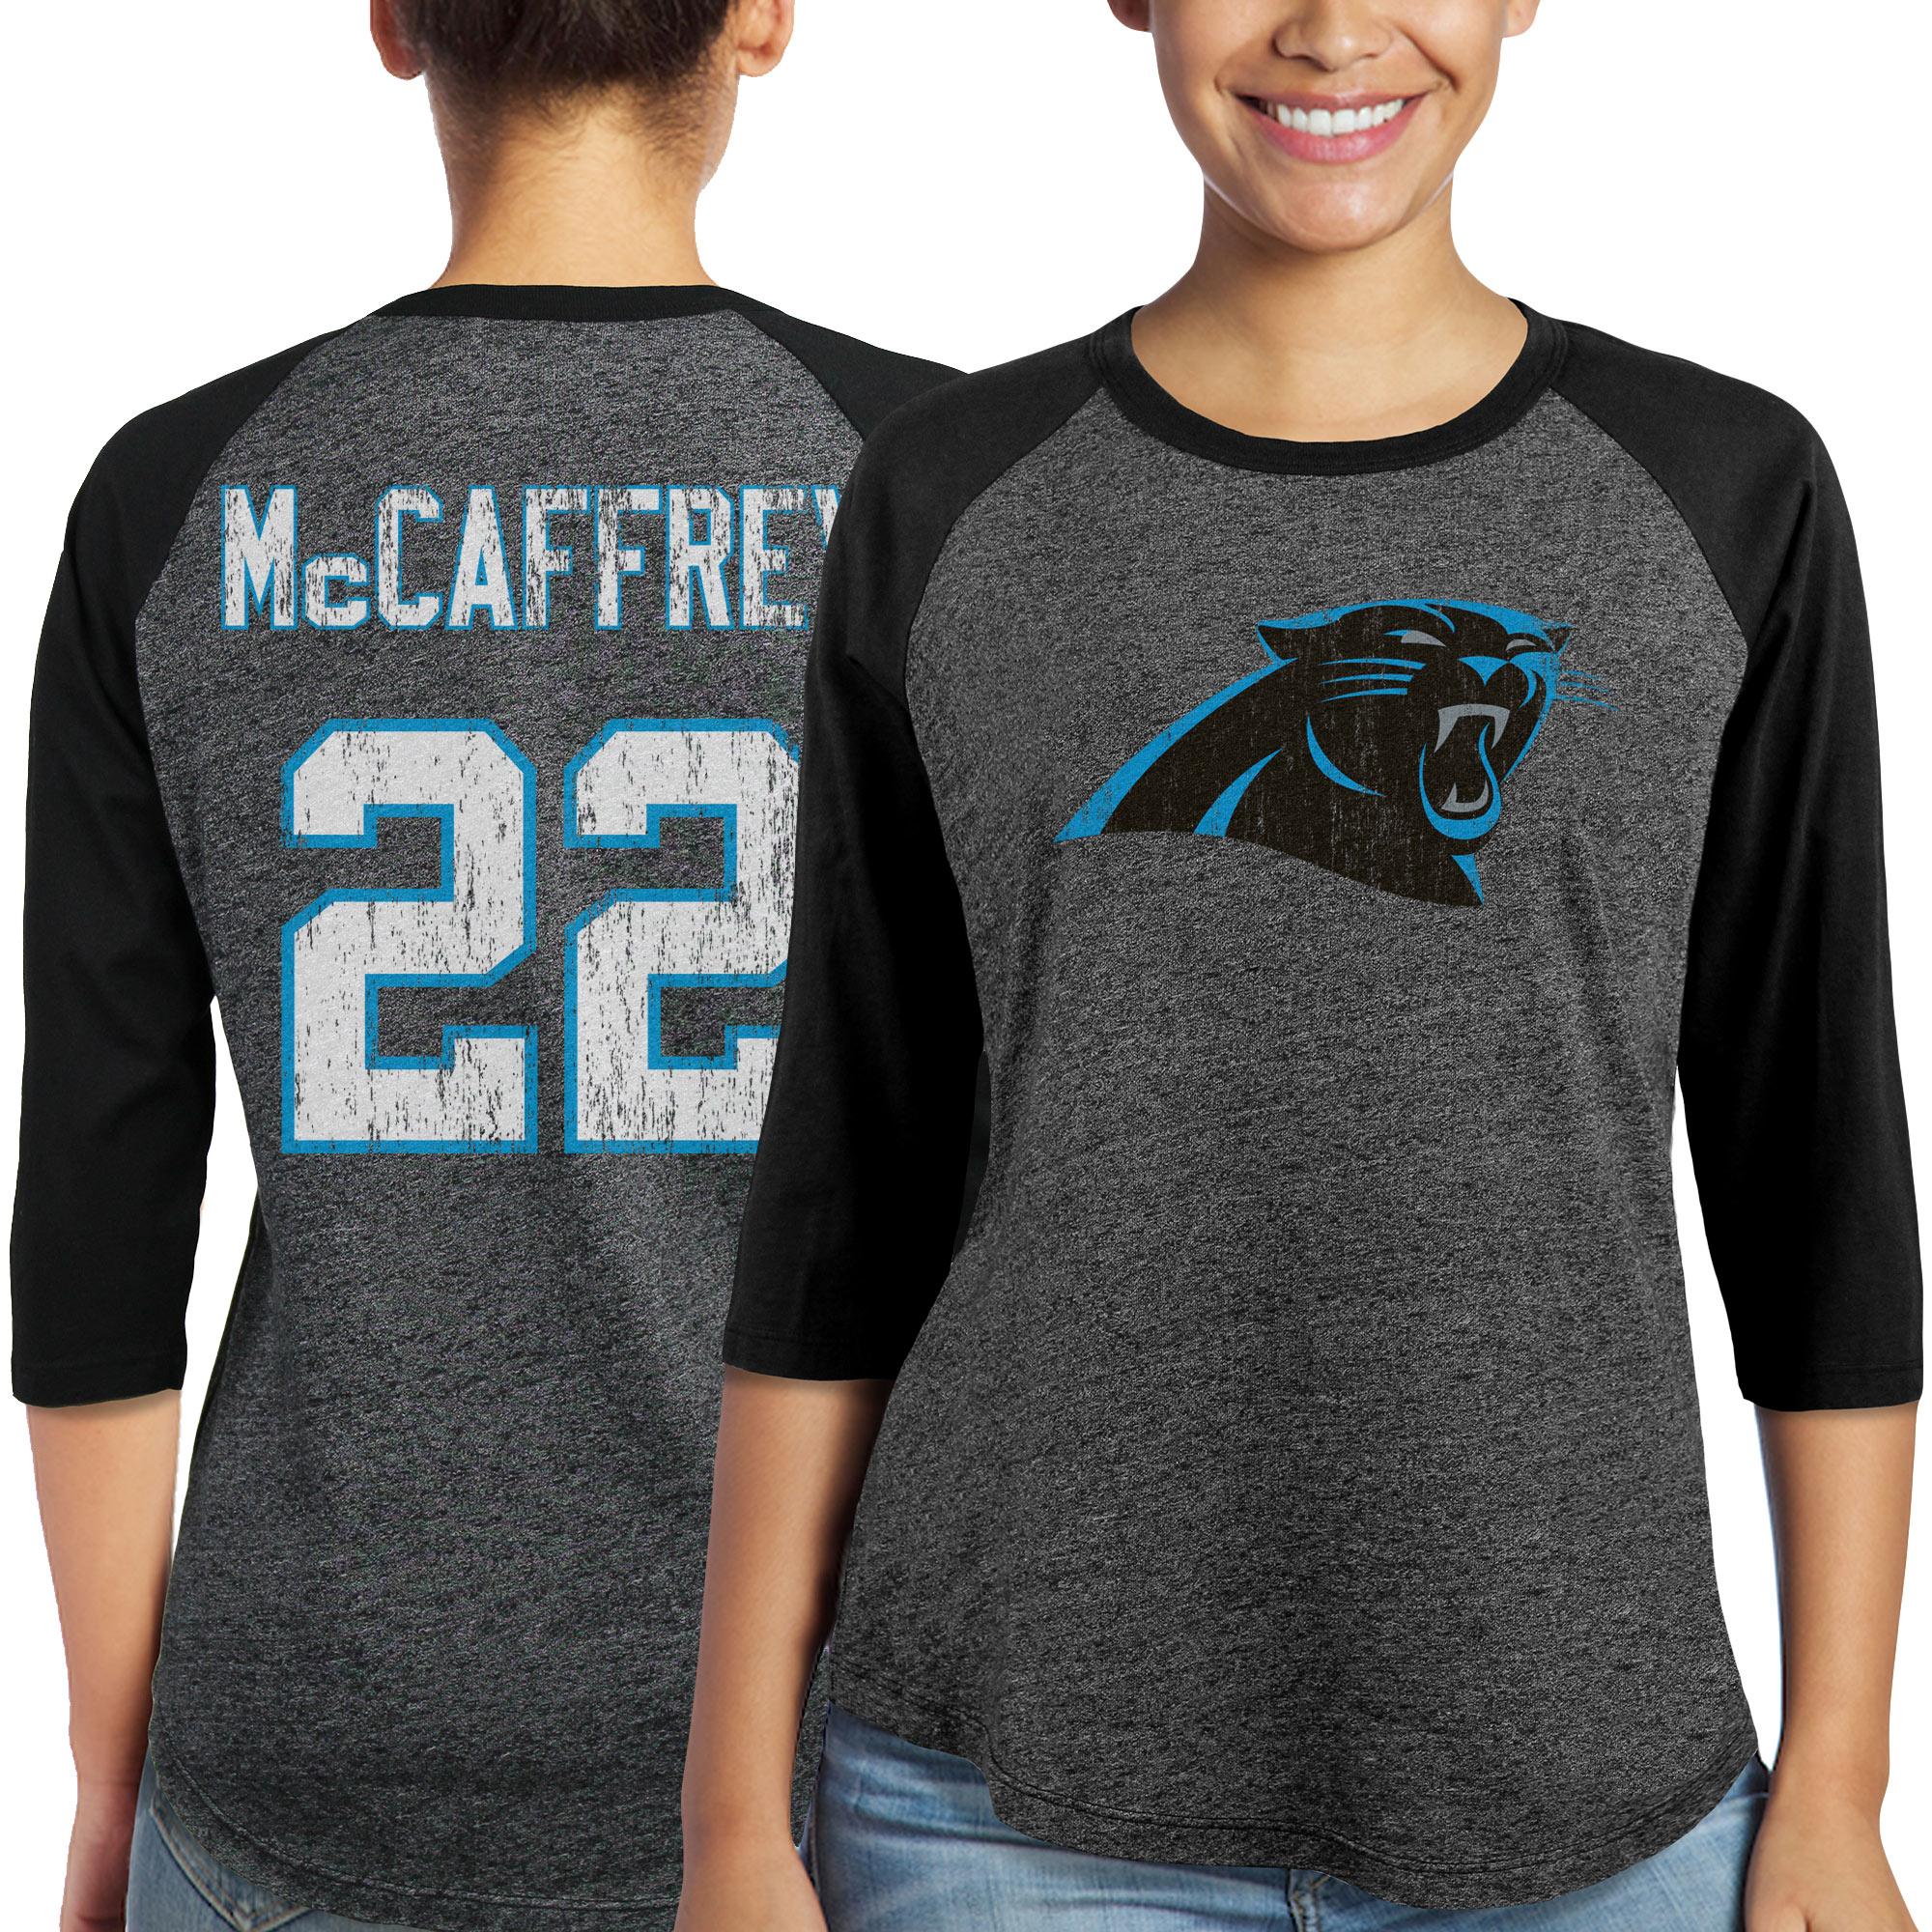 Christian McCaffrey Carolina Panthers Majestic Women's Player Name & Number Tri-Blend 3/4-Sleeve Raglan T-Shirt - Black